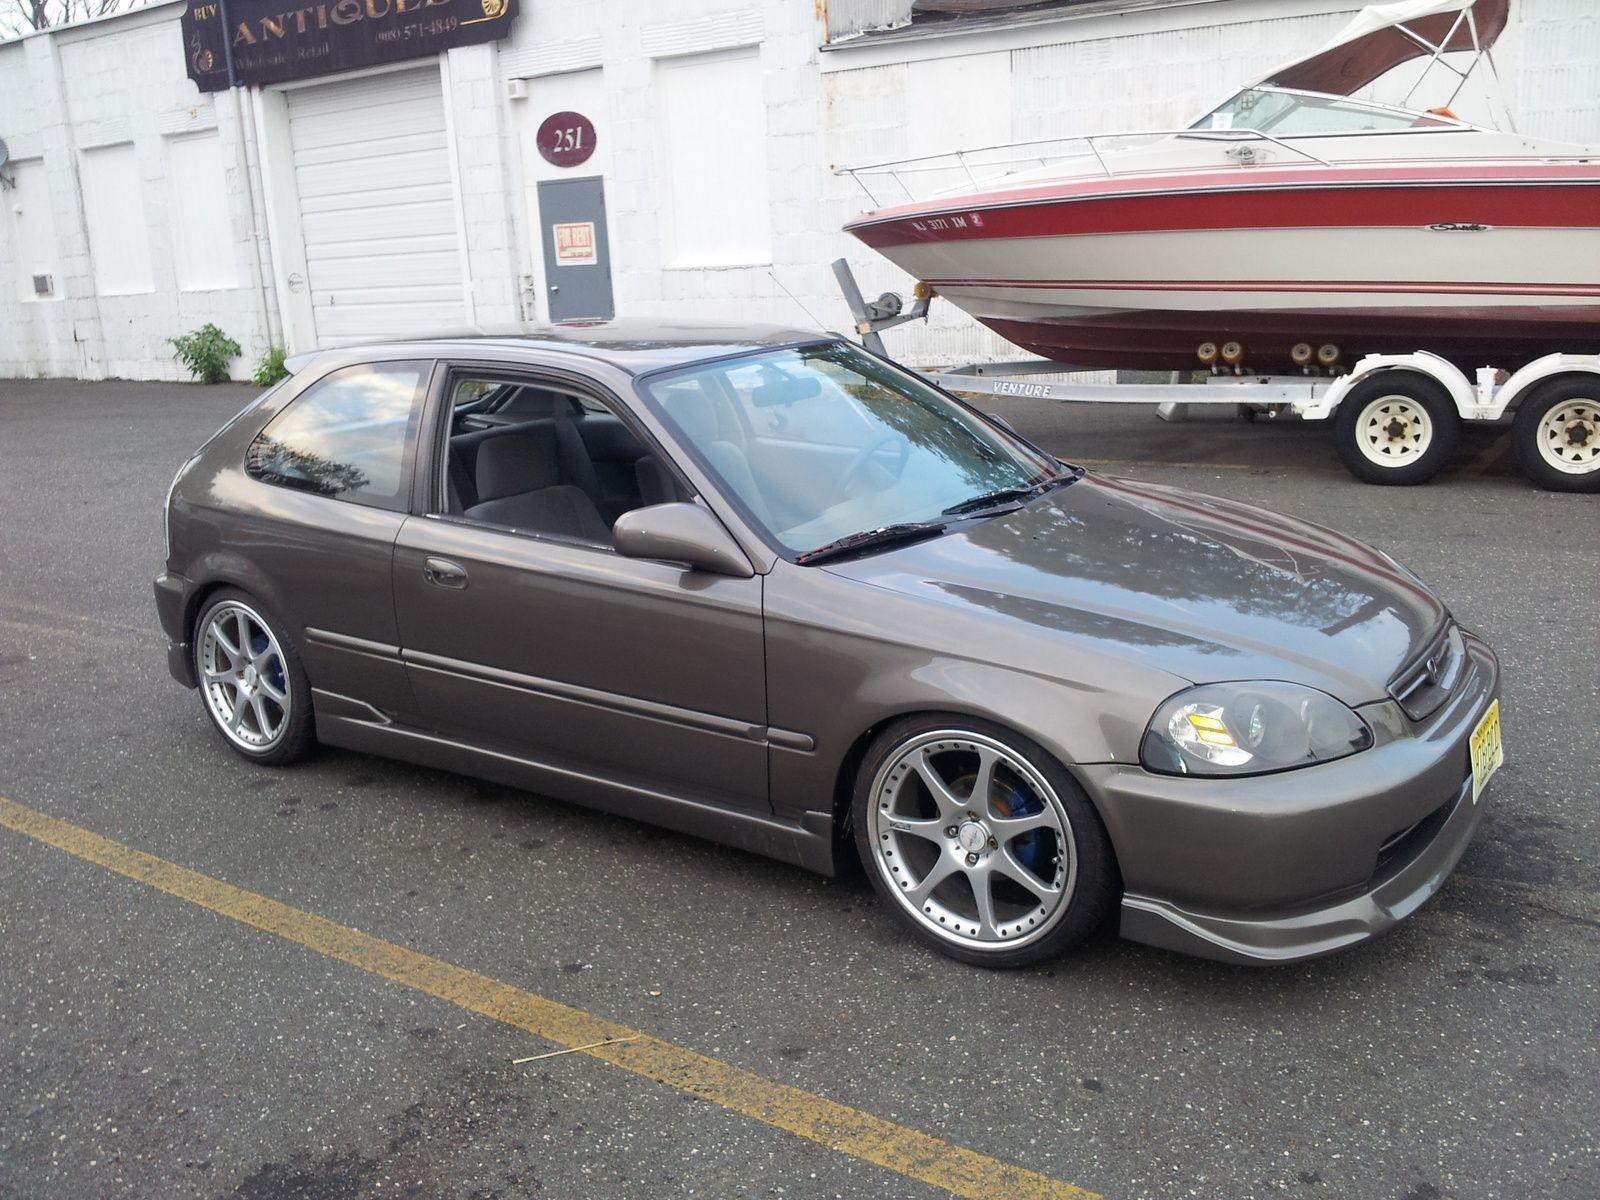 1996 Honda Civic DX Hatchback | Honda | Pinterest | Honda Civic, Hatchbacks  And Honda